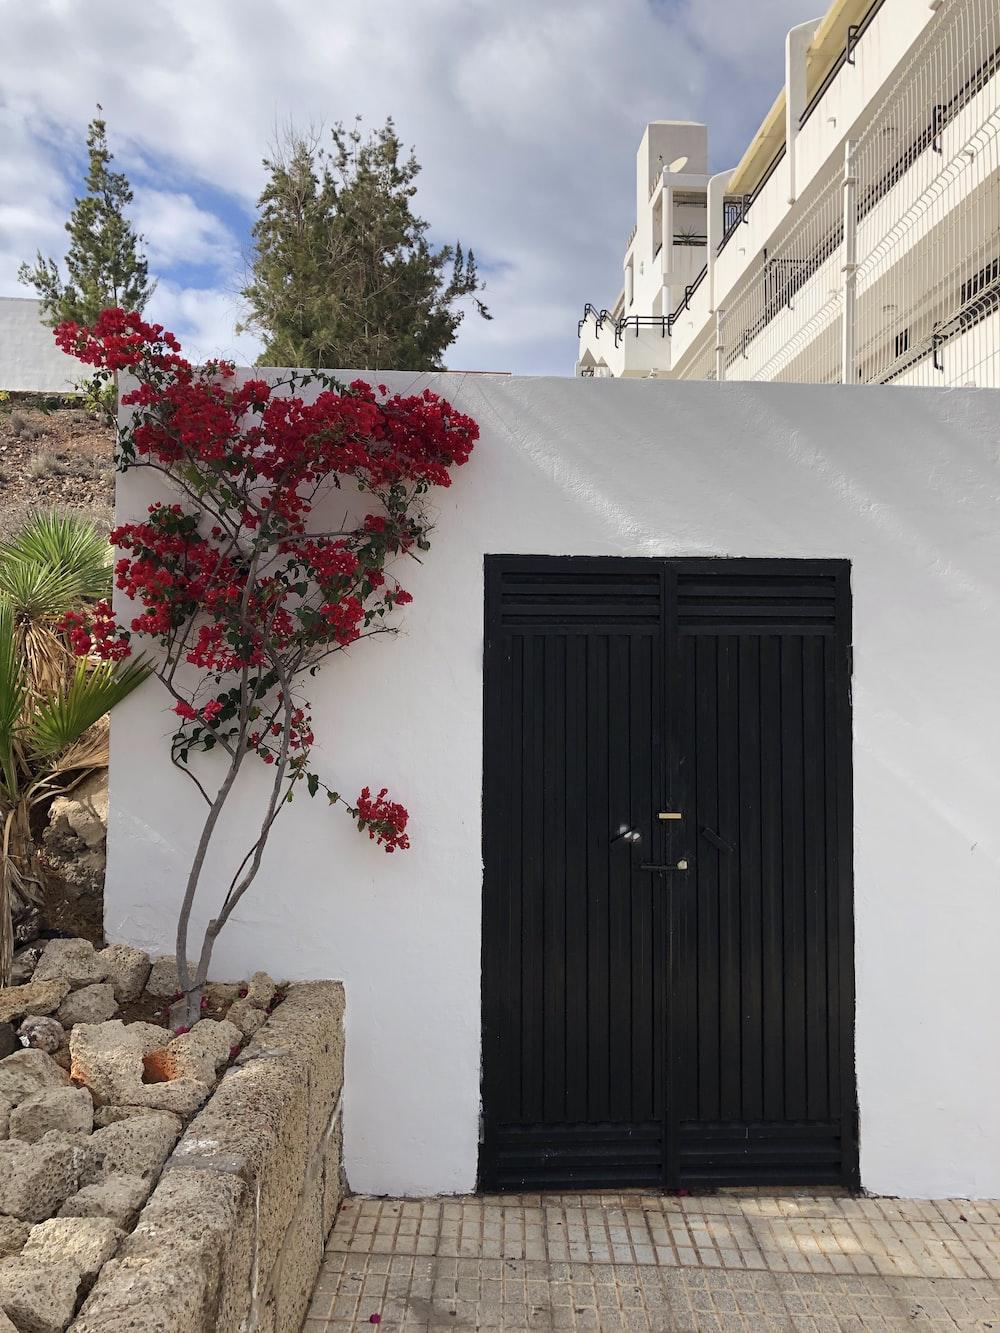 black wooden door near red flowers